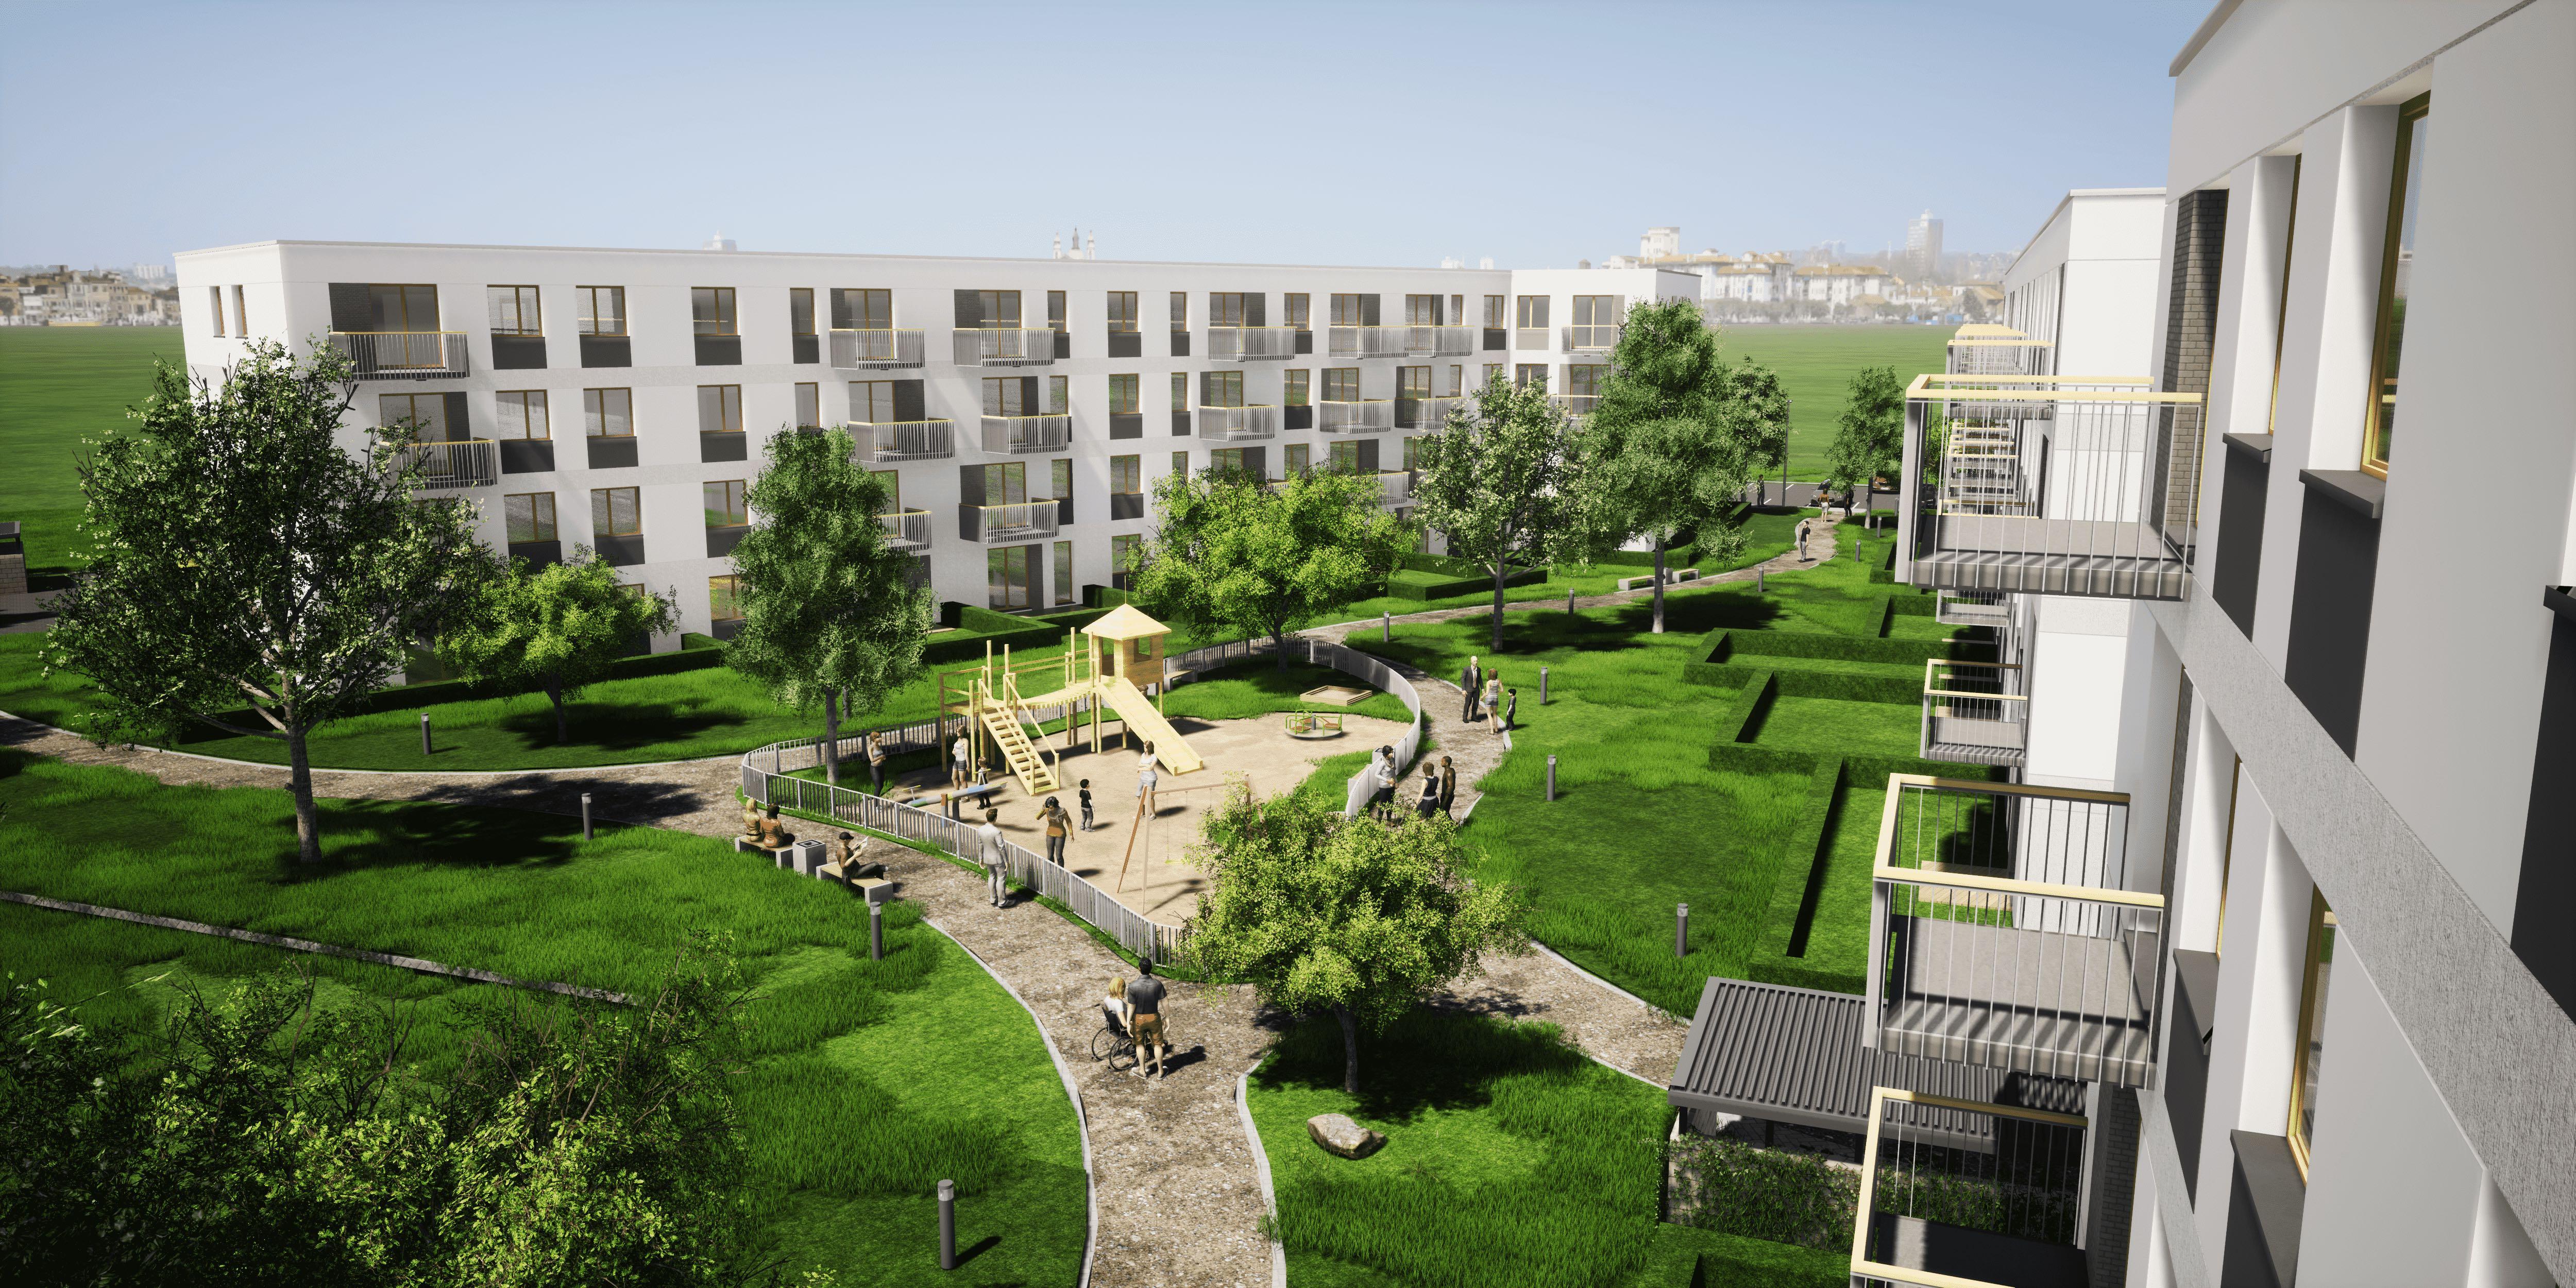 Wizualizacja osiedla przy ul. Paderewskiego w Ołwie (fot. MH Architekci)